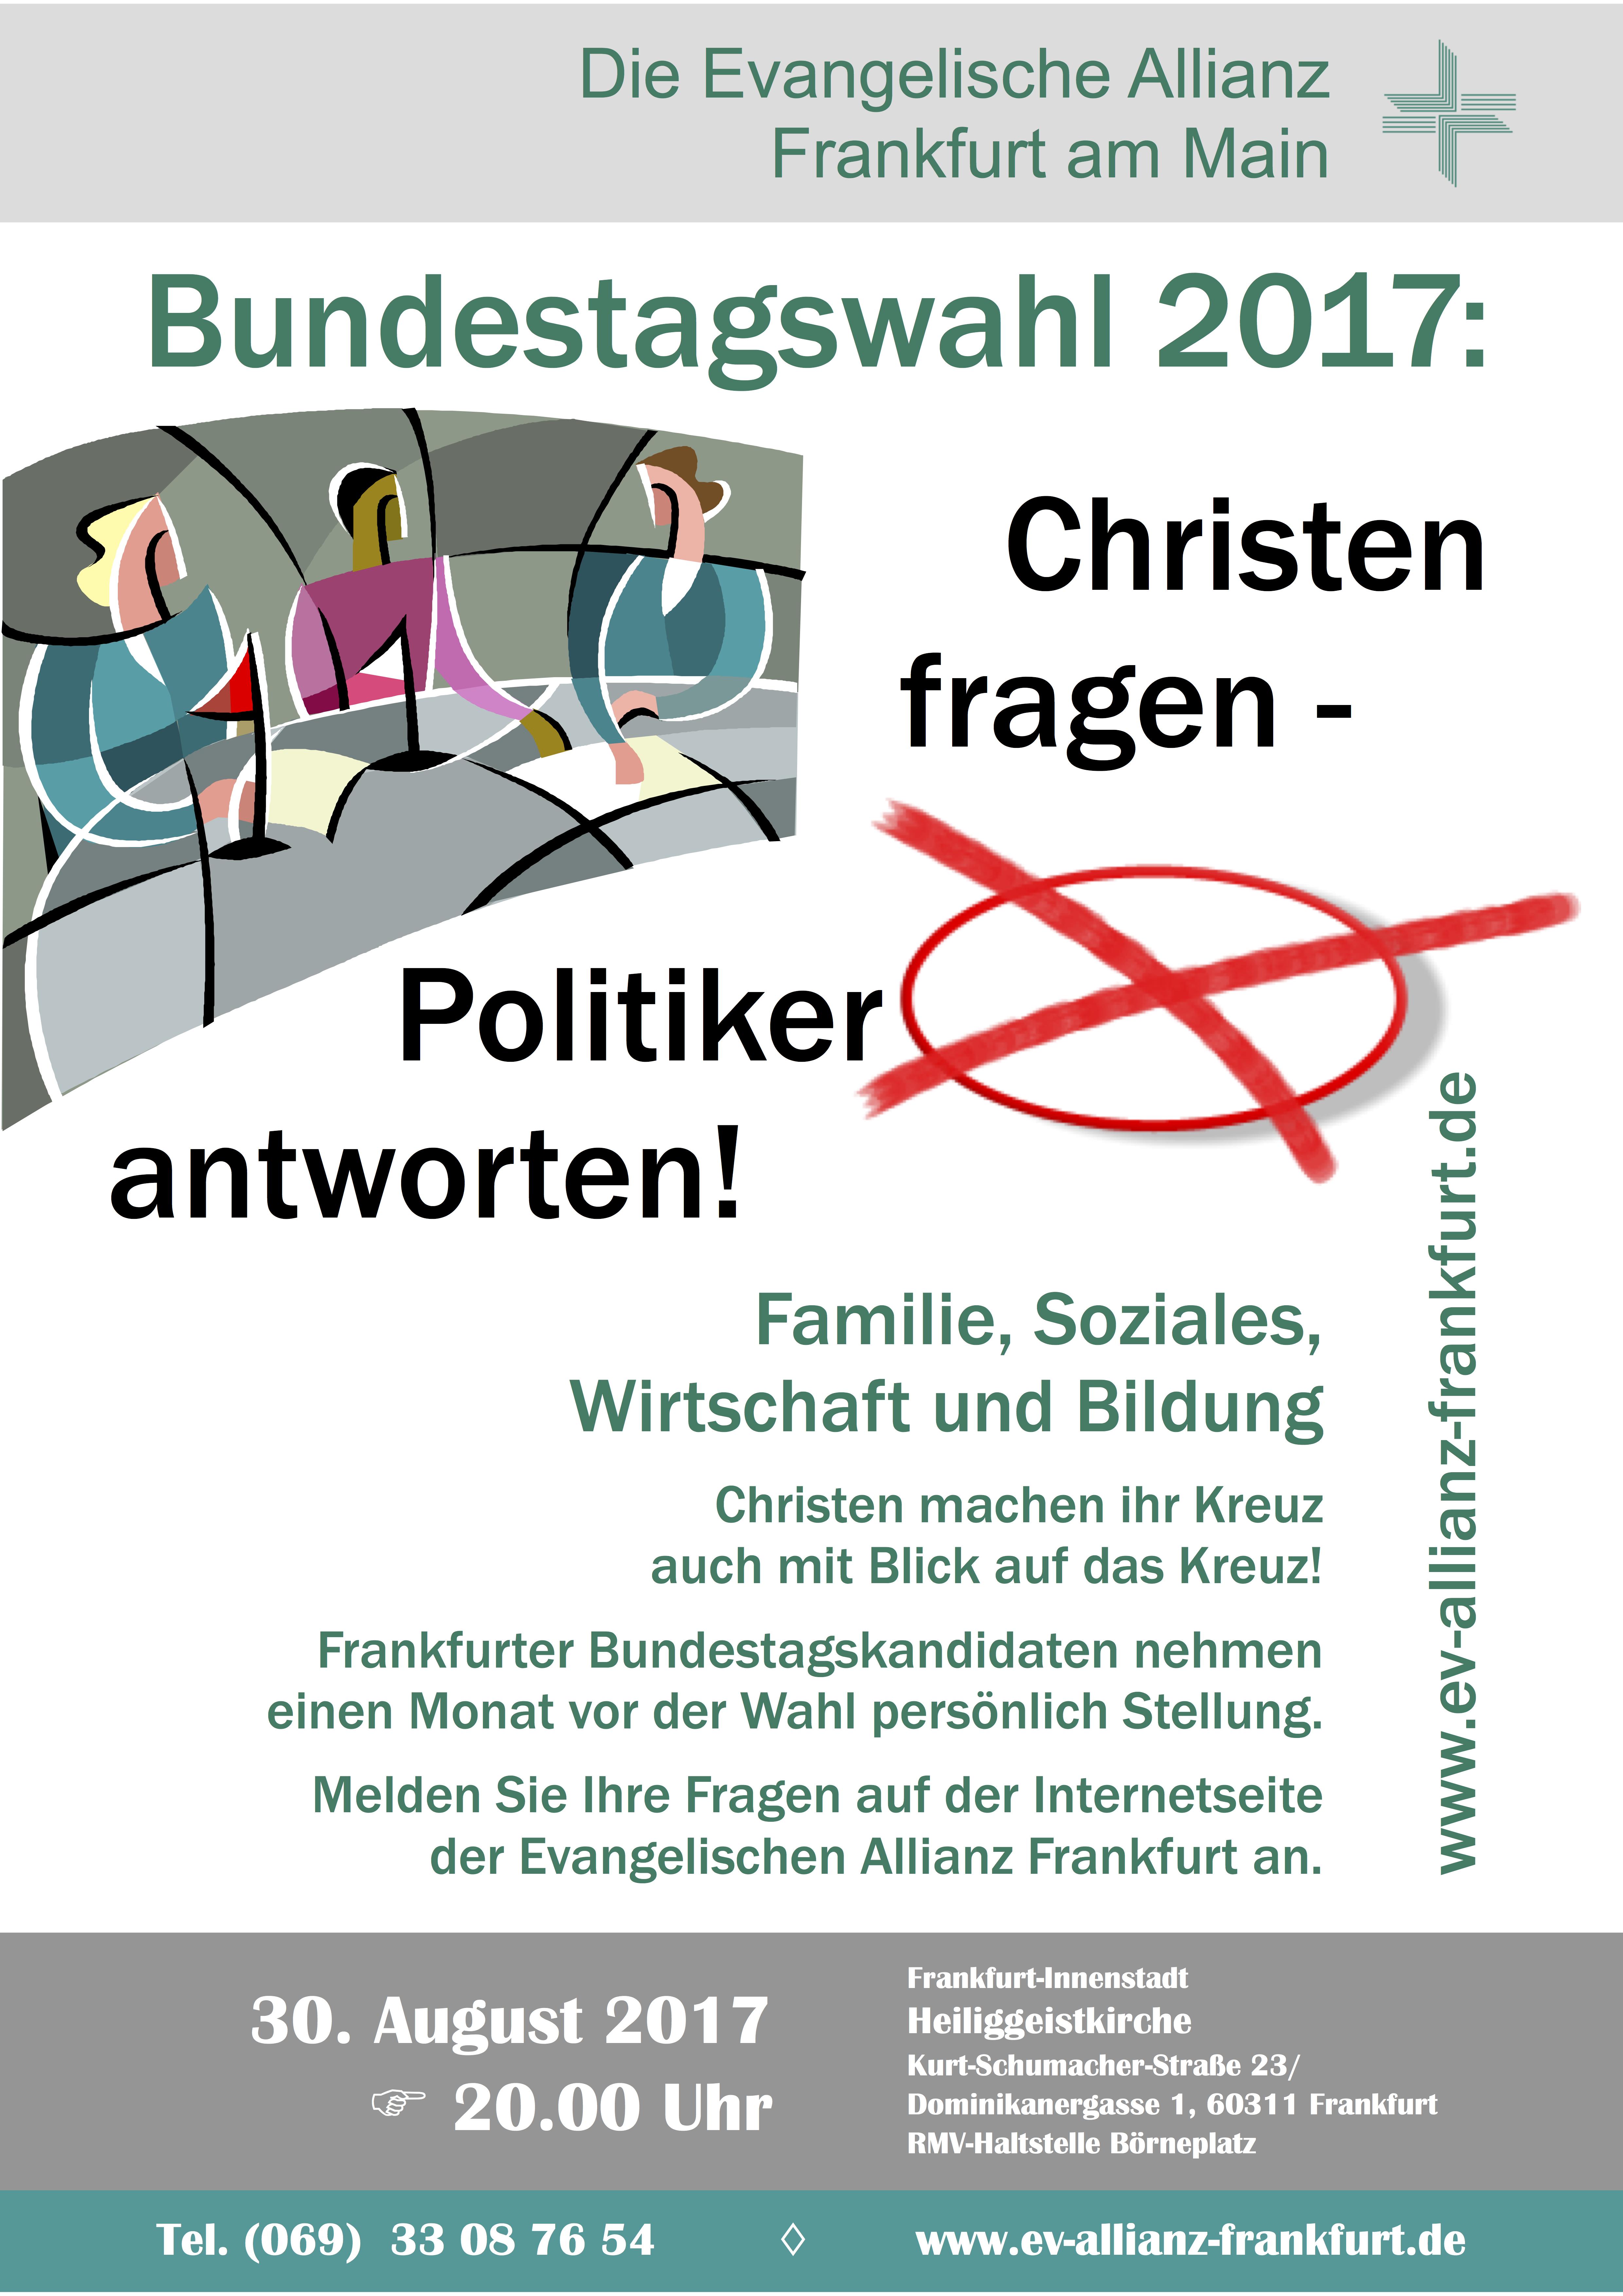 http://www.cvjm-frankfurt.de/blog/Bundestagswahl_Podiumsdiskussion.jpg